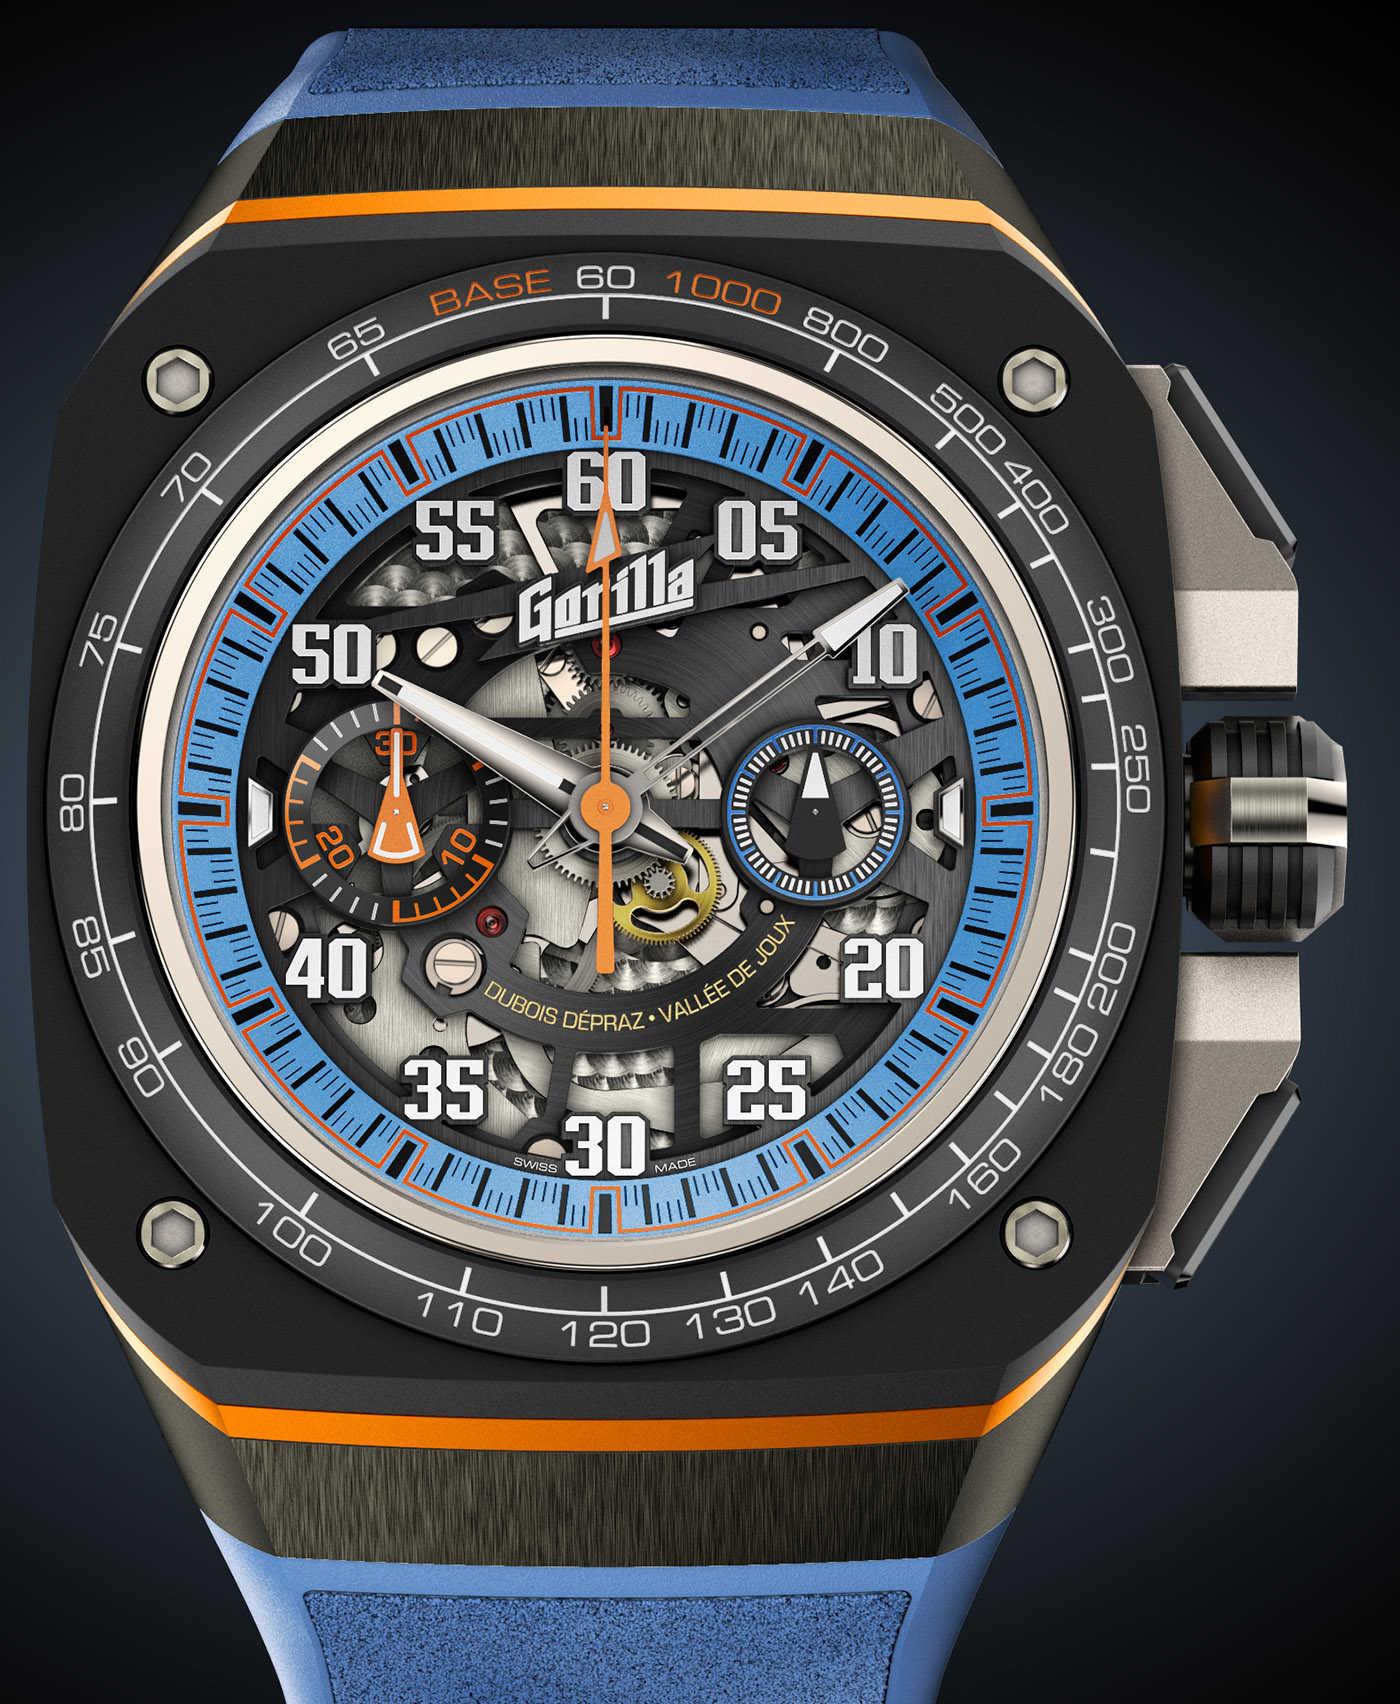 Gorilla объявляет о выпуске ограниченной серии часов Fastback Thunderbolt Chronograph